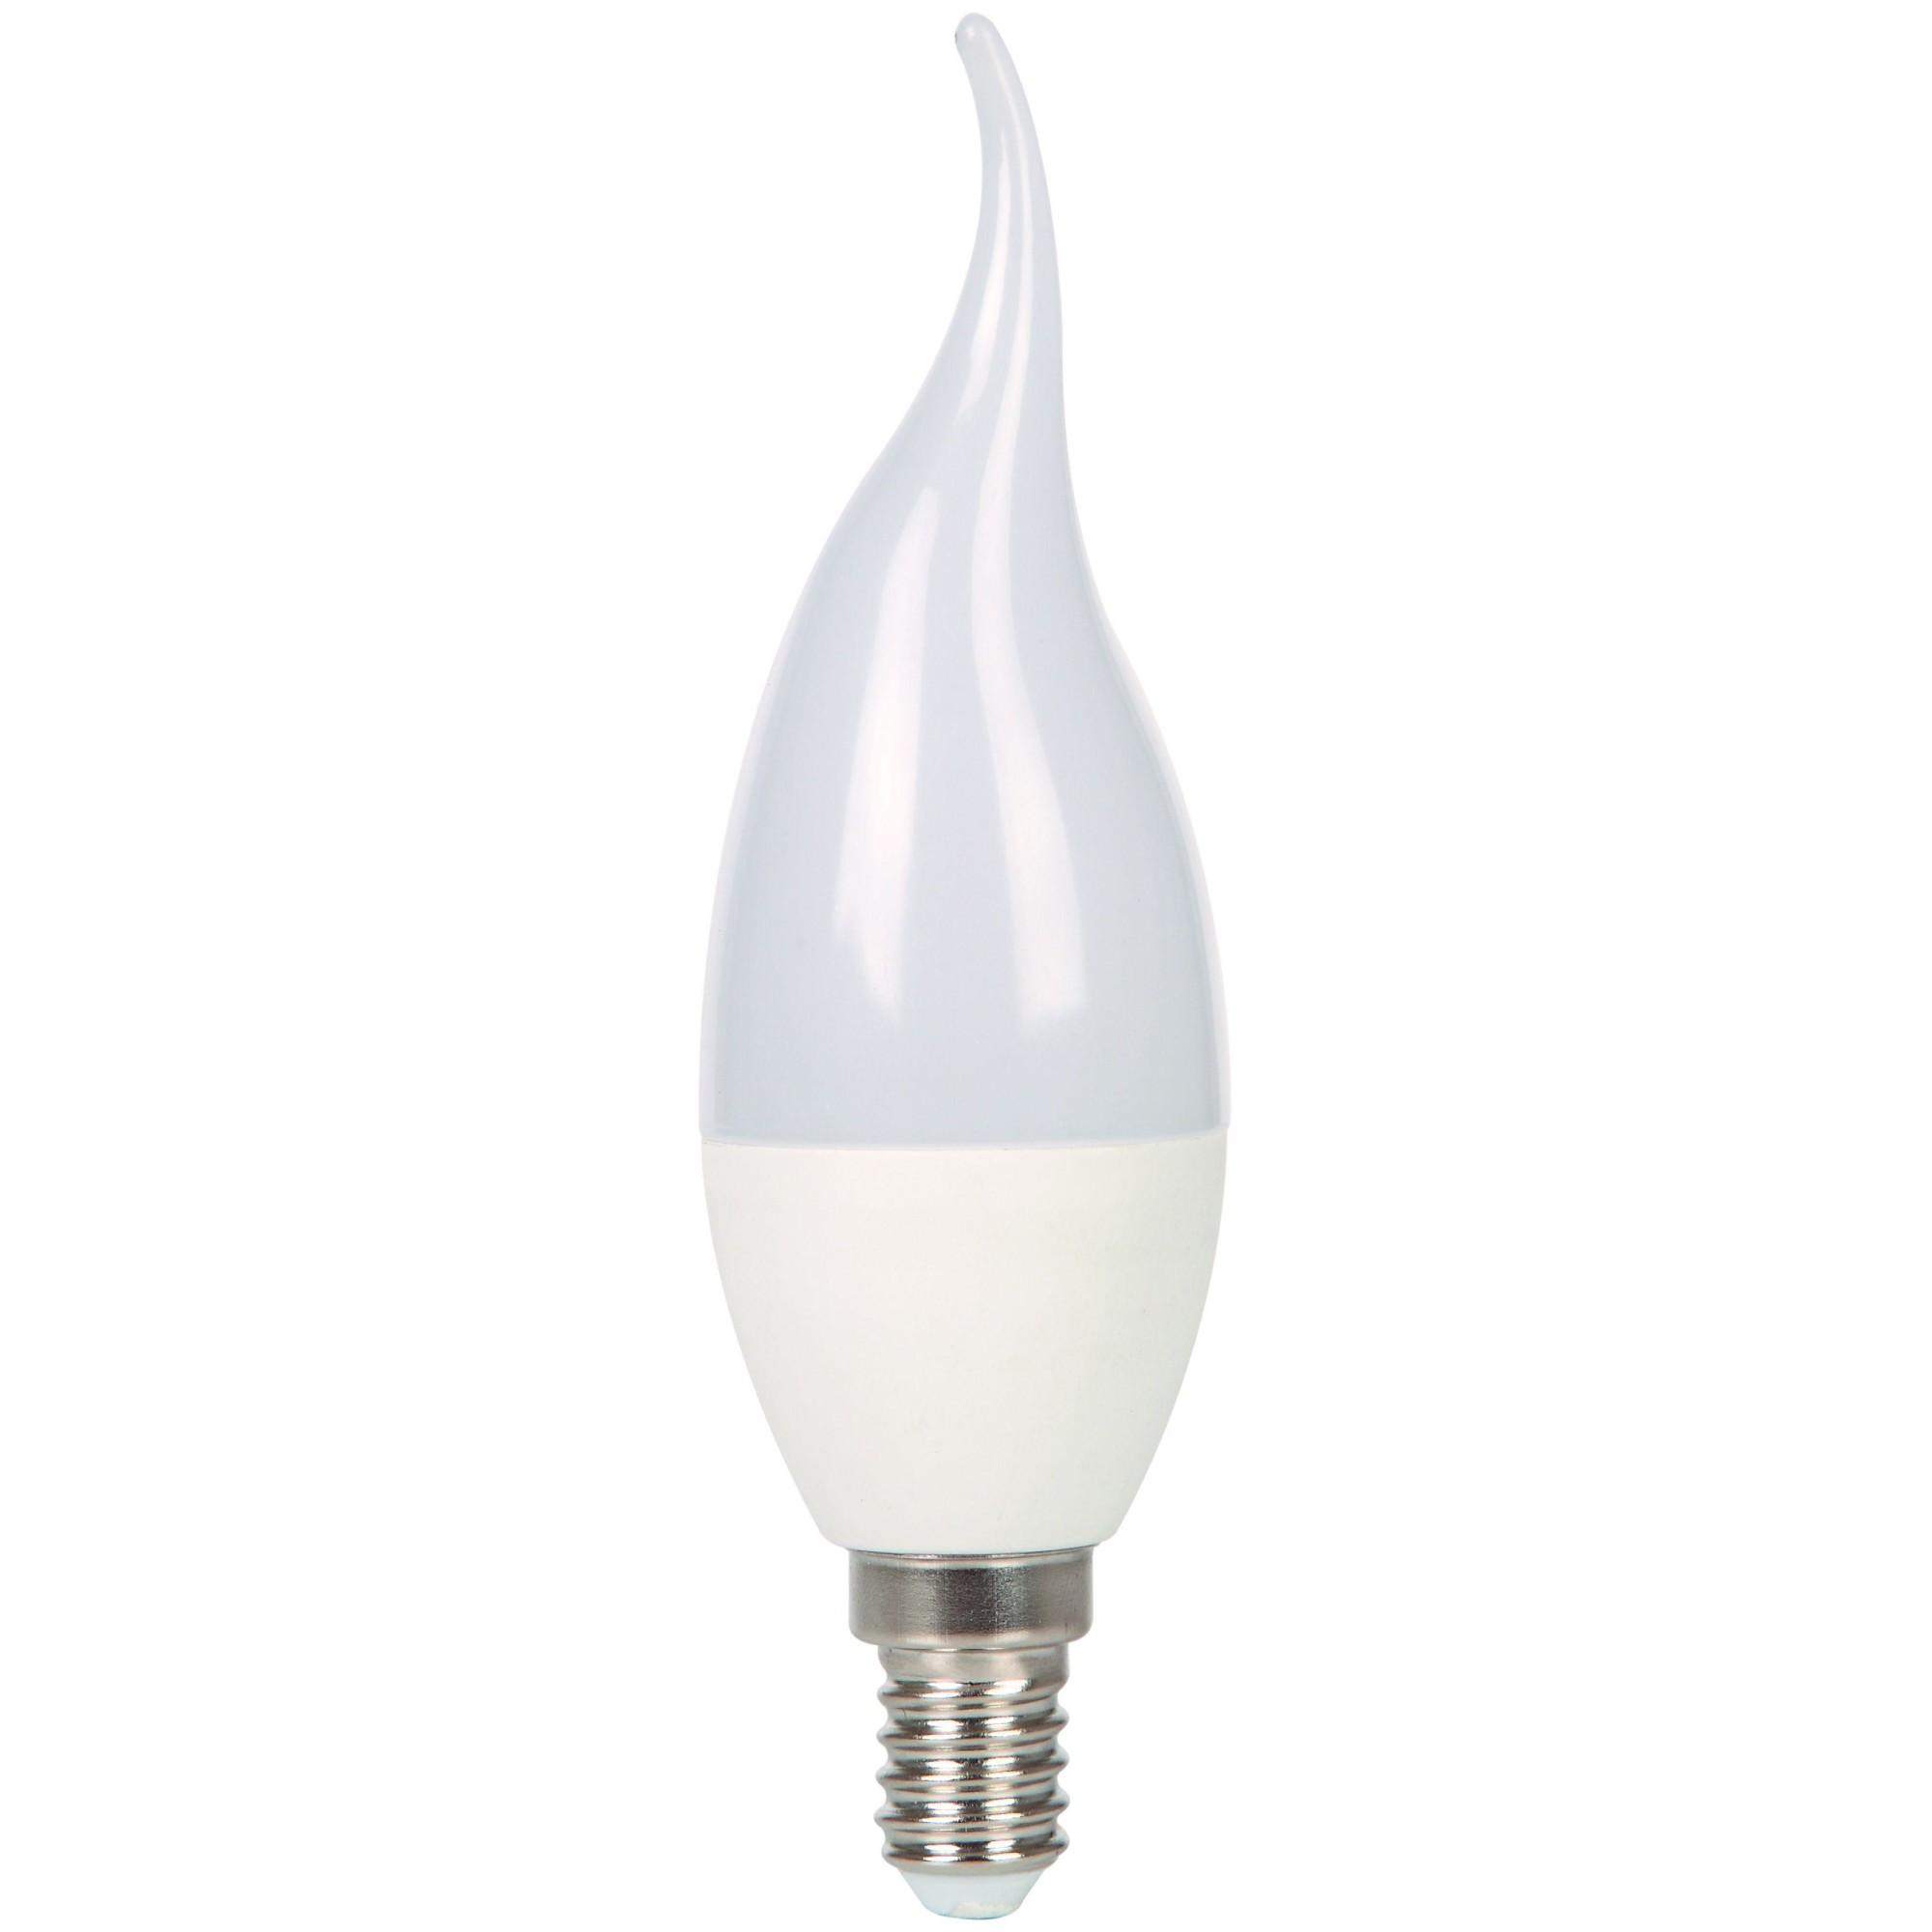 Лампа Ecola стандарт светодионая E14 6 Вт свеча на ветру 480 Лм теплый свет